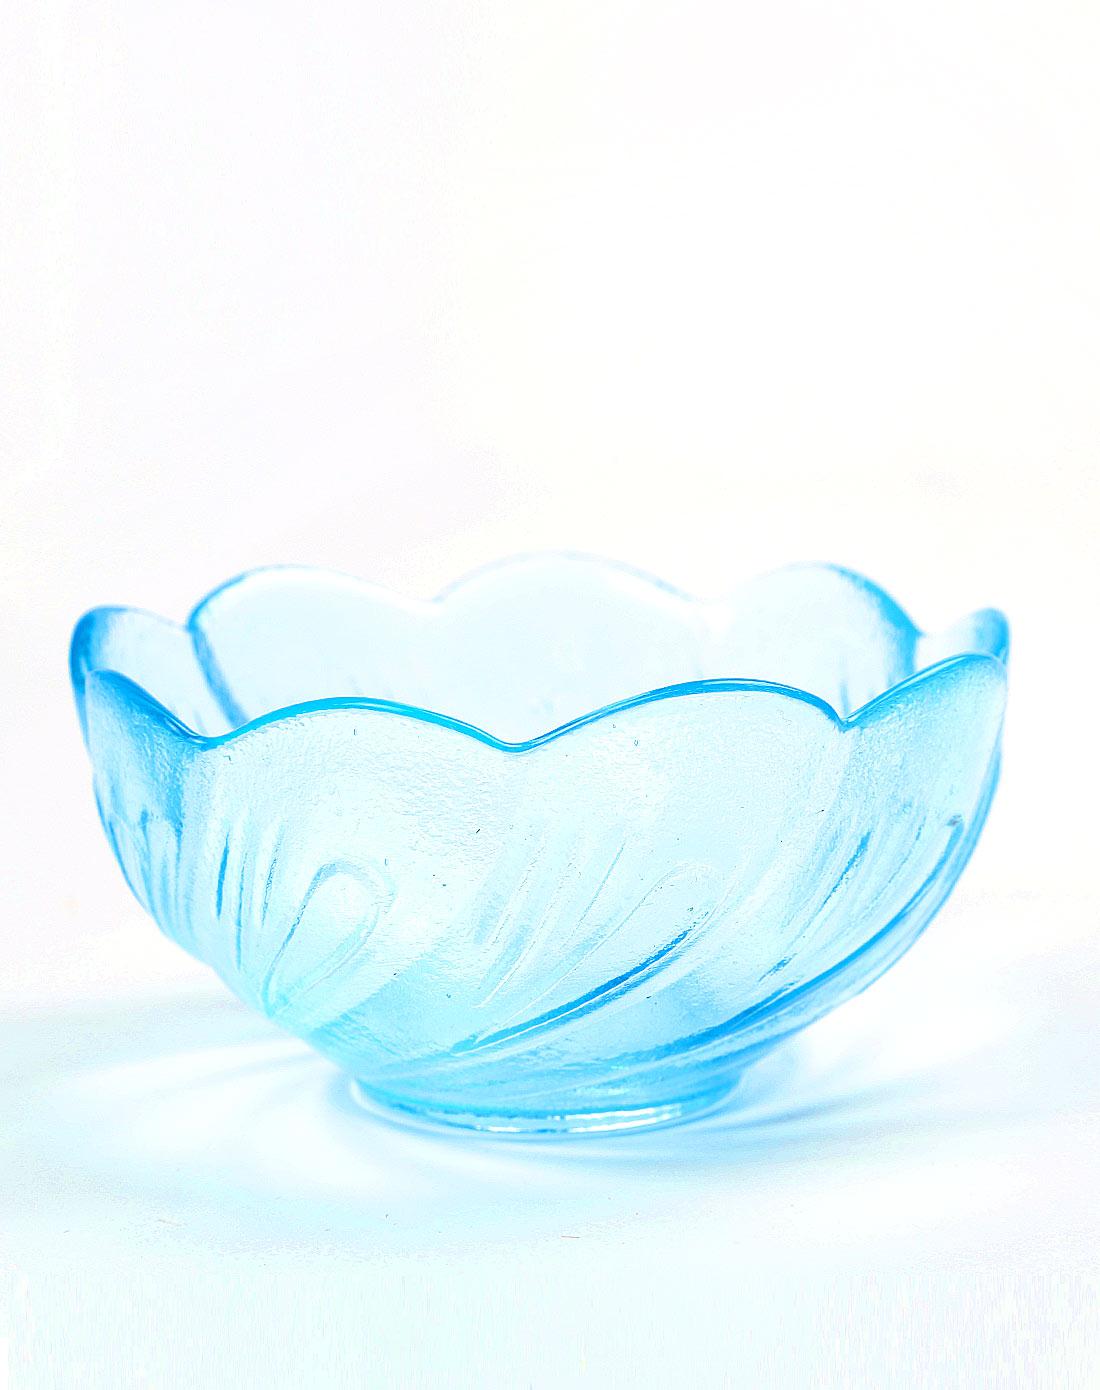 晶彩凤凰发型碗(四入)v发型琉璃男生图片